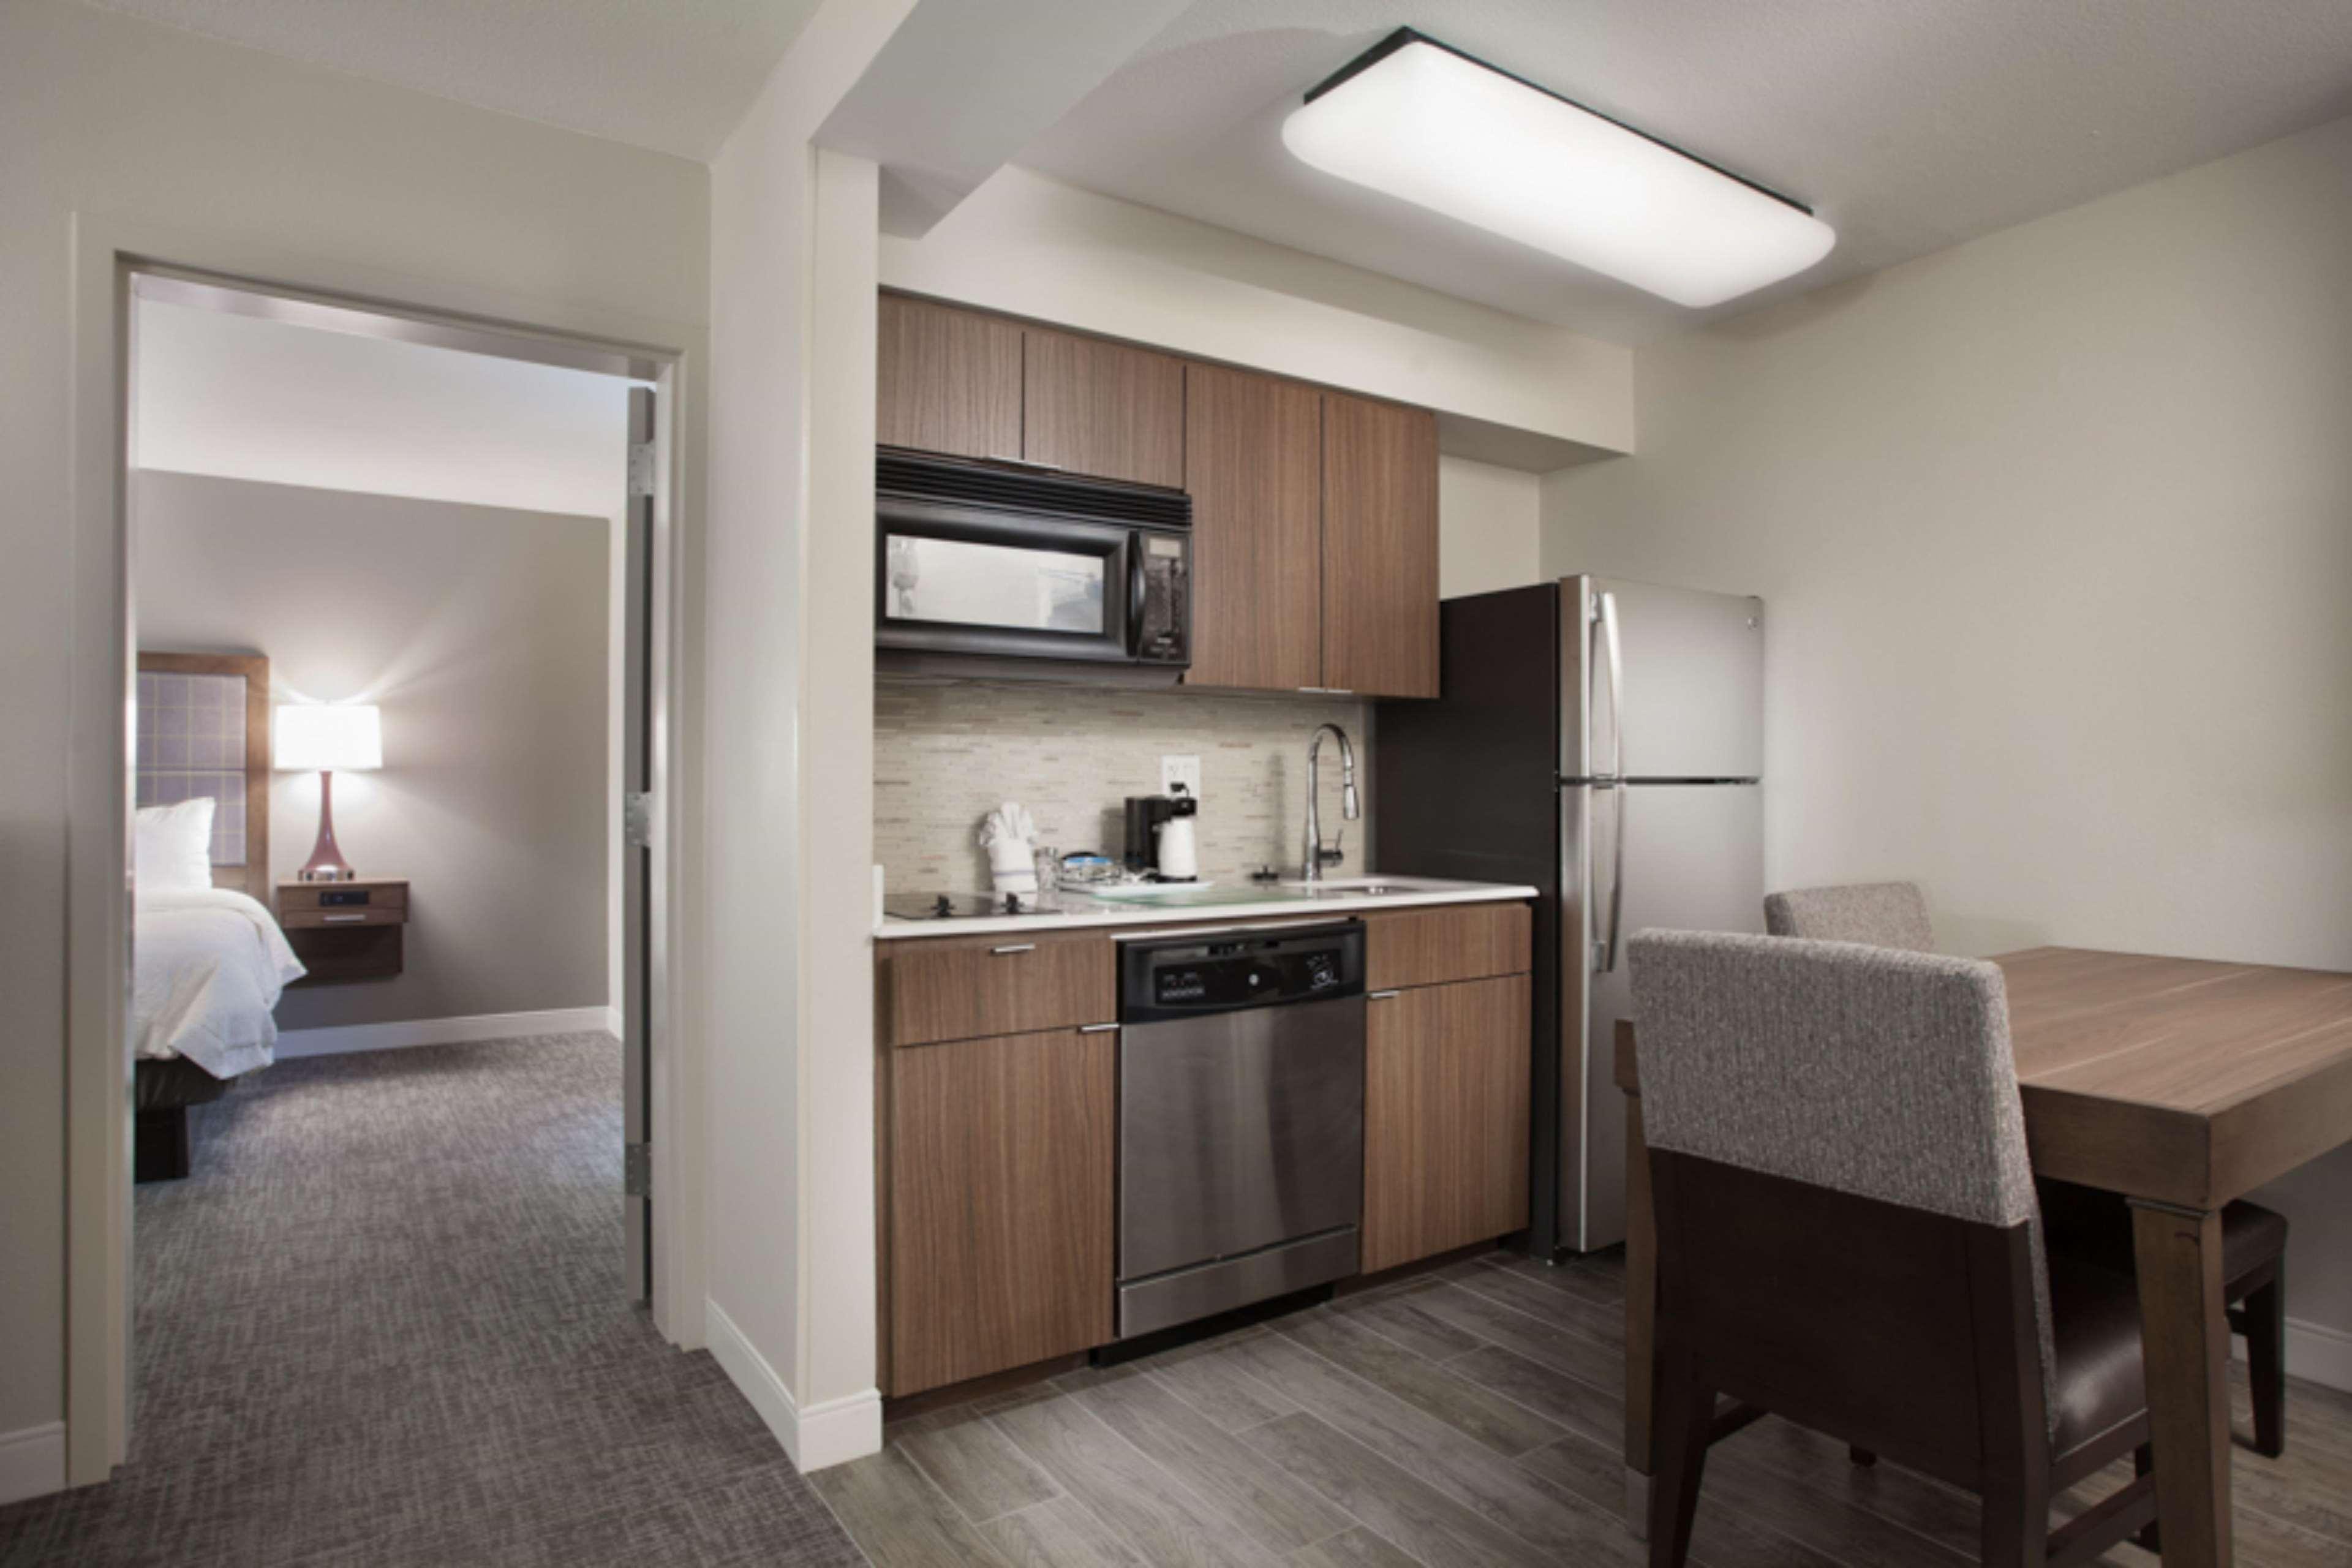 Hampton Inn & Suites Dallas-DFW Airport North-Grapevine in Grapevine, TX, photo #23